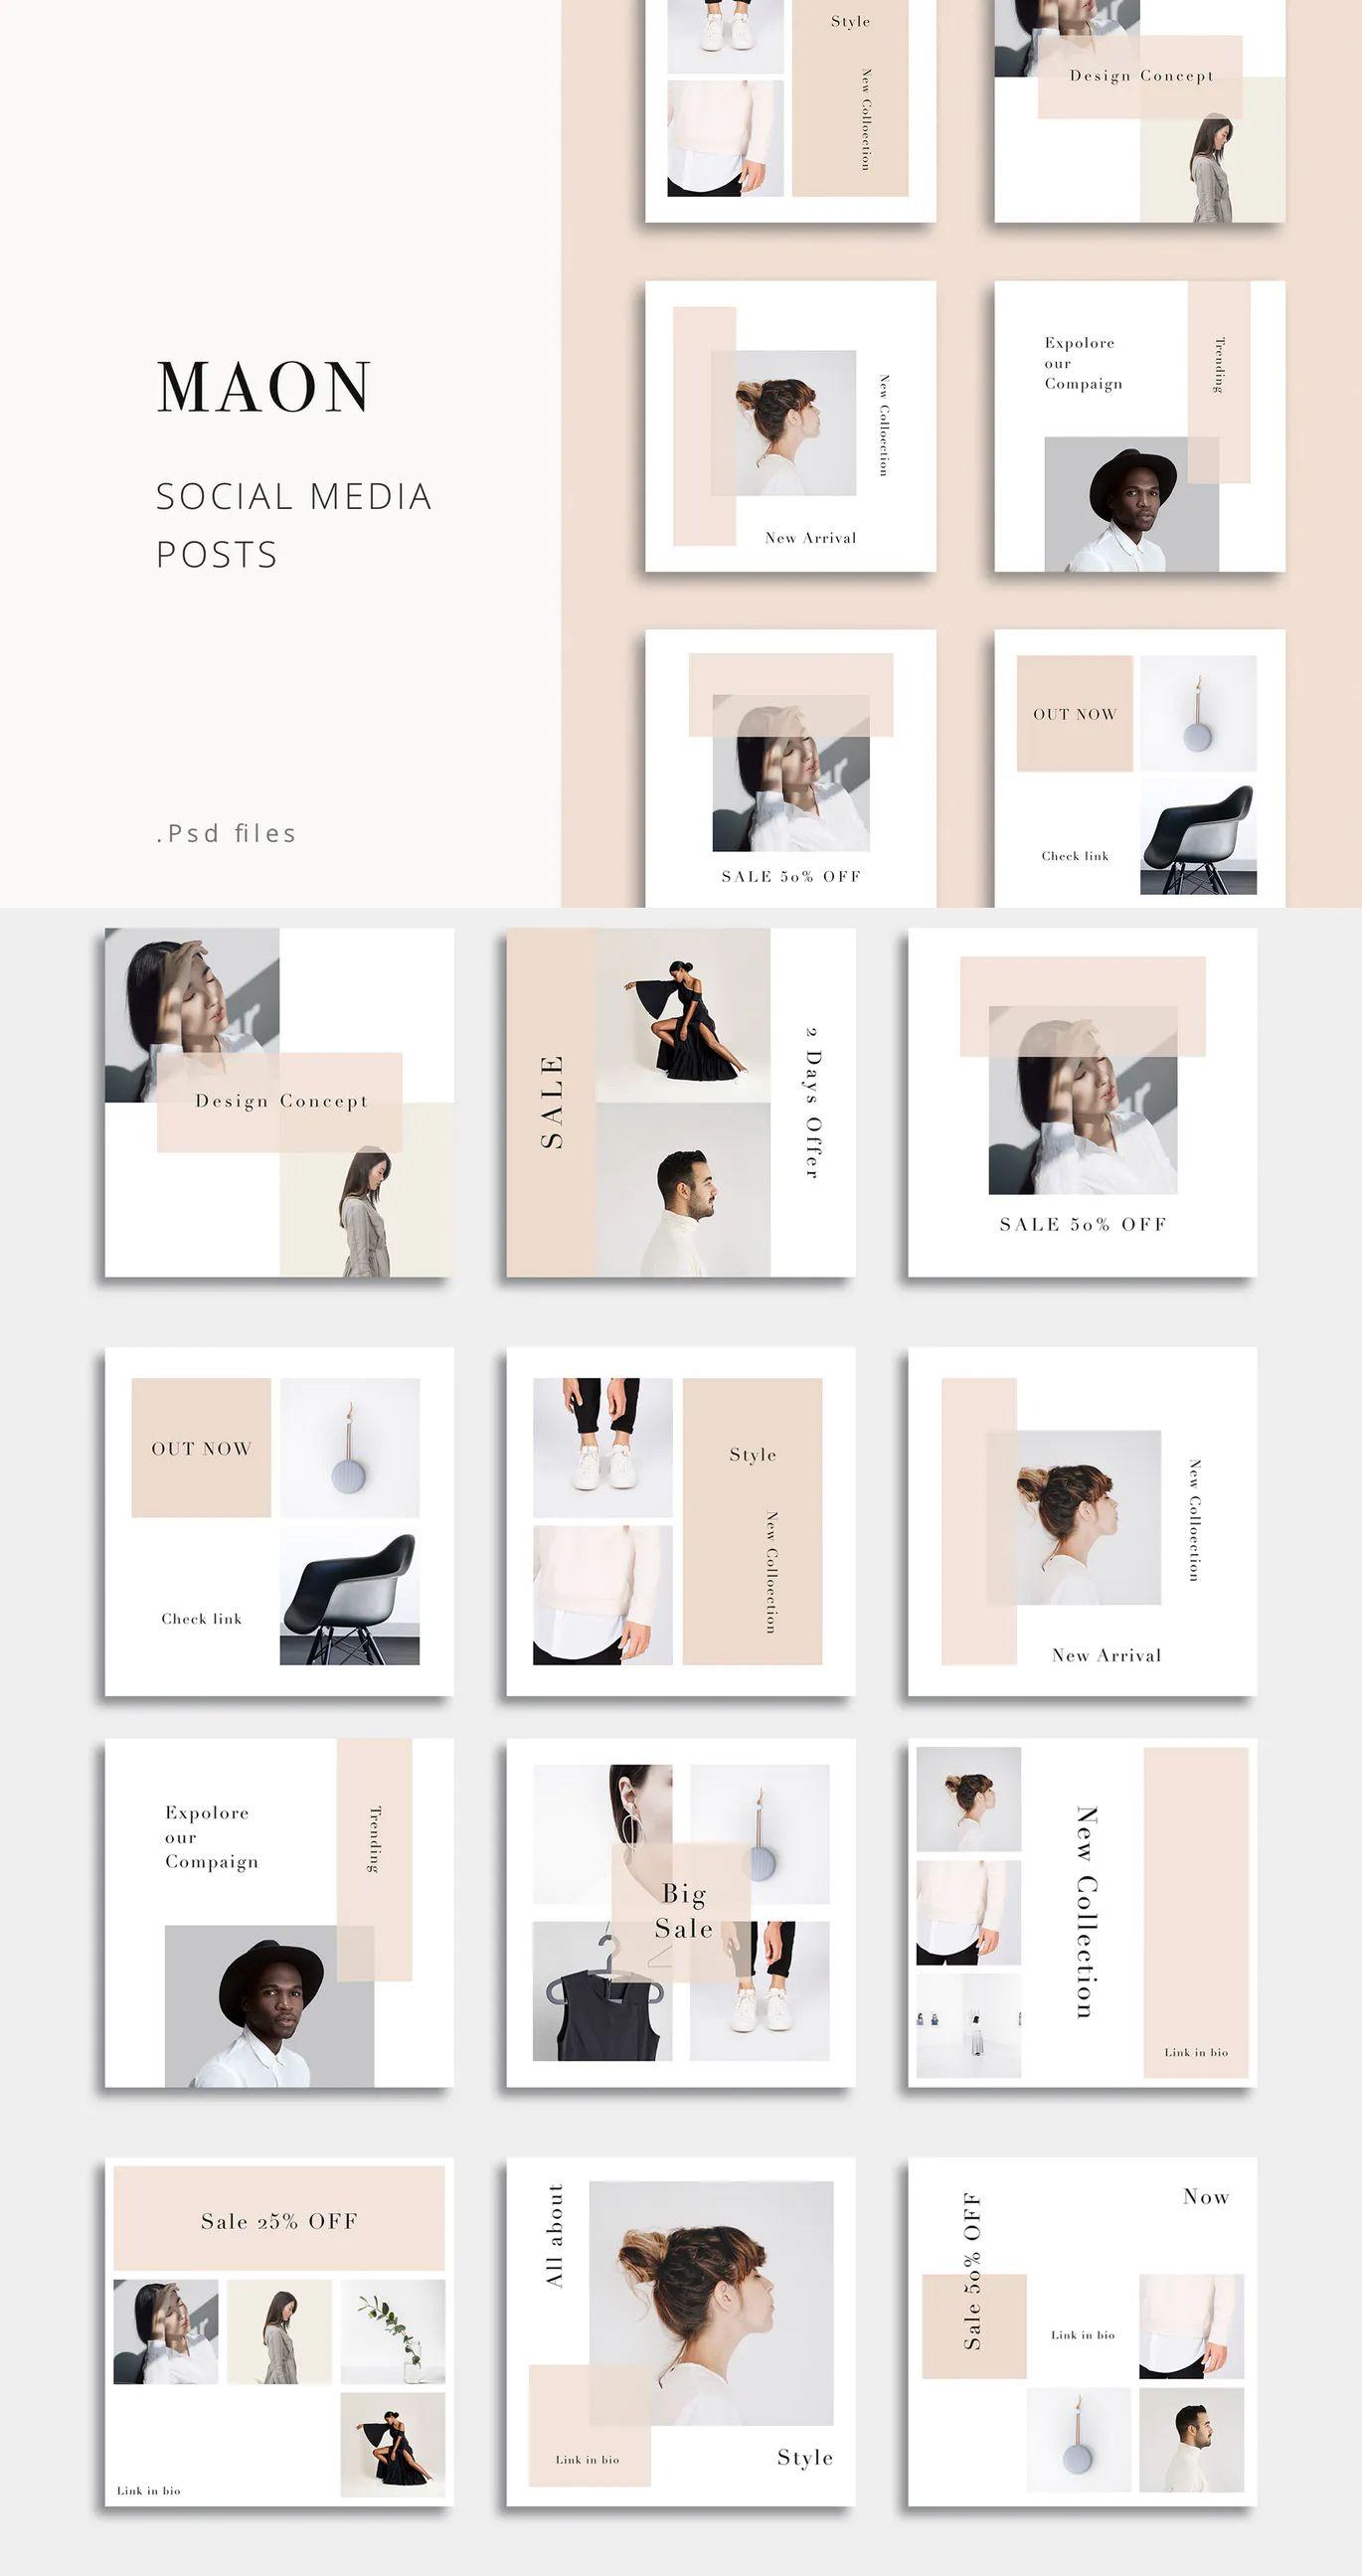 Maon Social Media Posts Template Psd Di 2020 Desain Web Desain Pamflet Desain Grafis